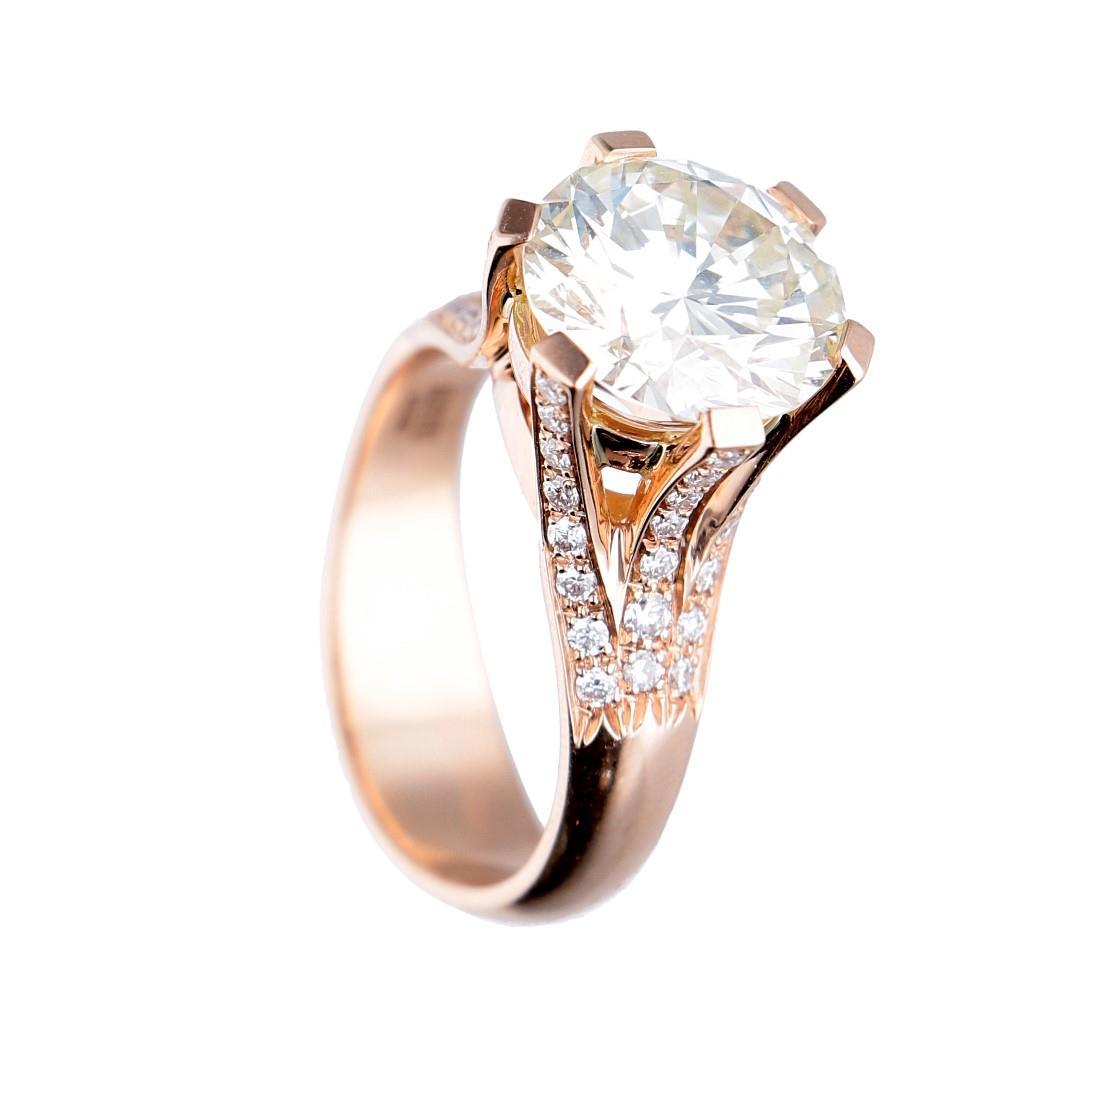 Anello in oro rosa con diamante ct 3.60, misura 12 - ALFIERI ST JOHN